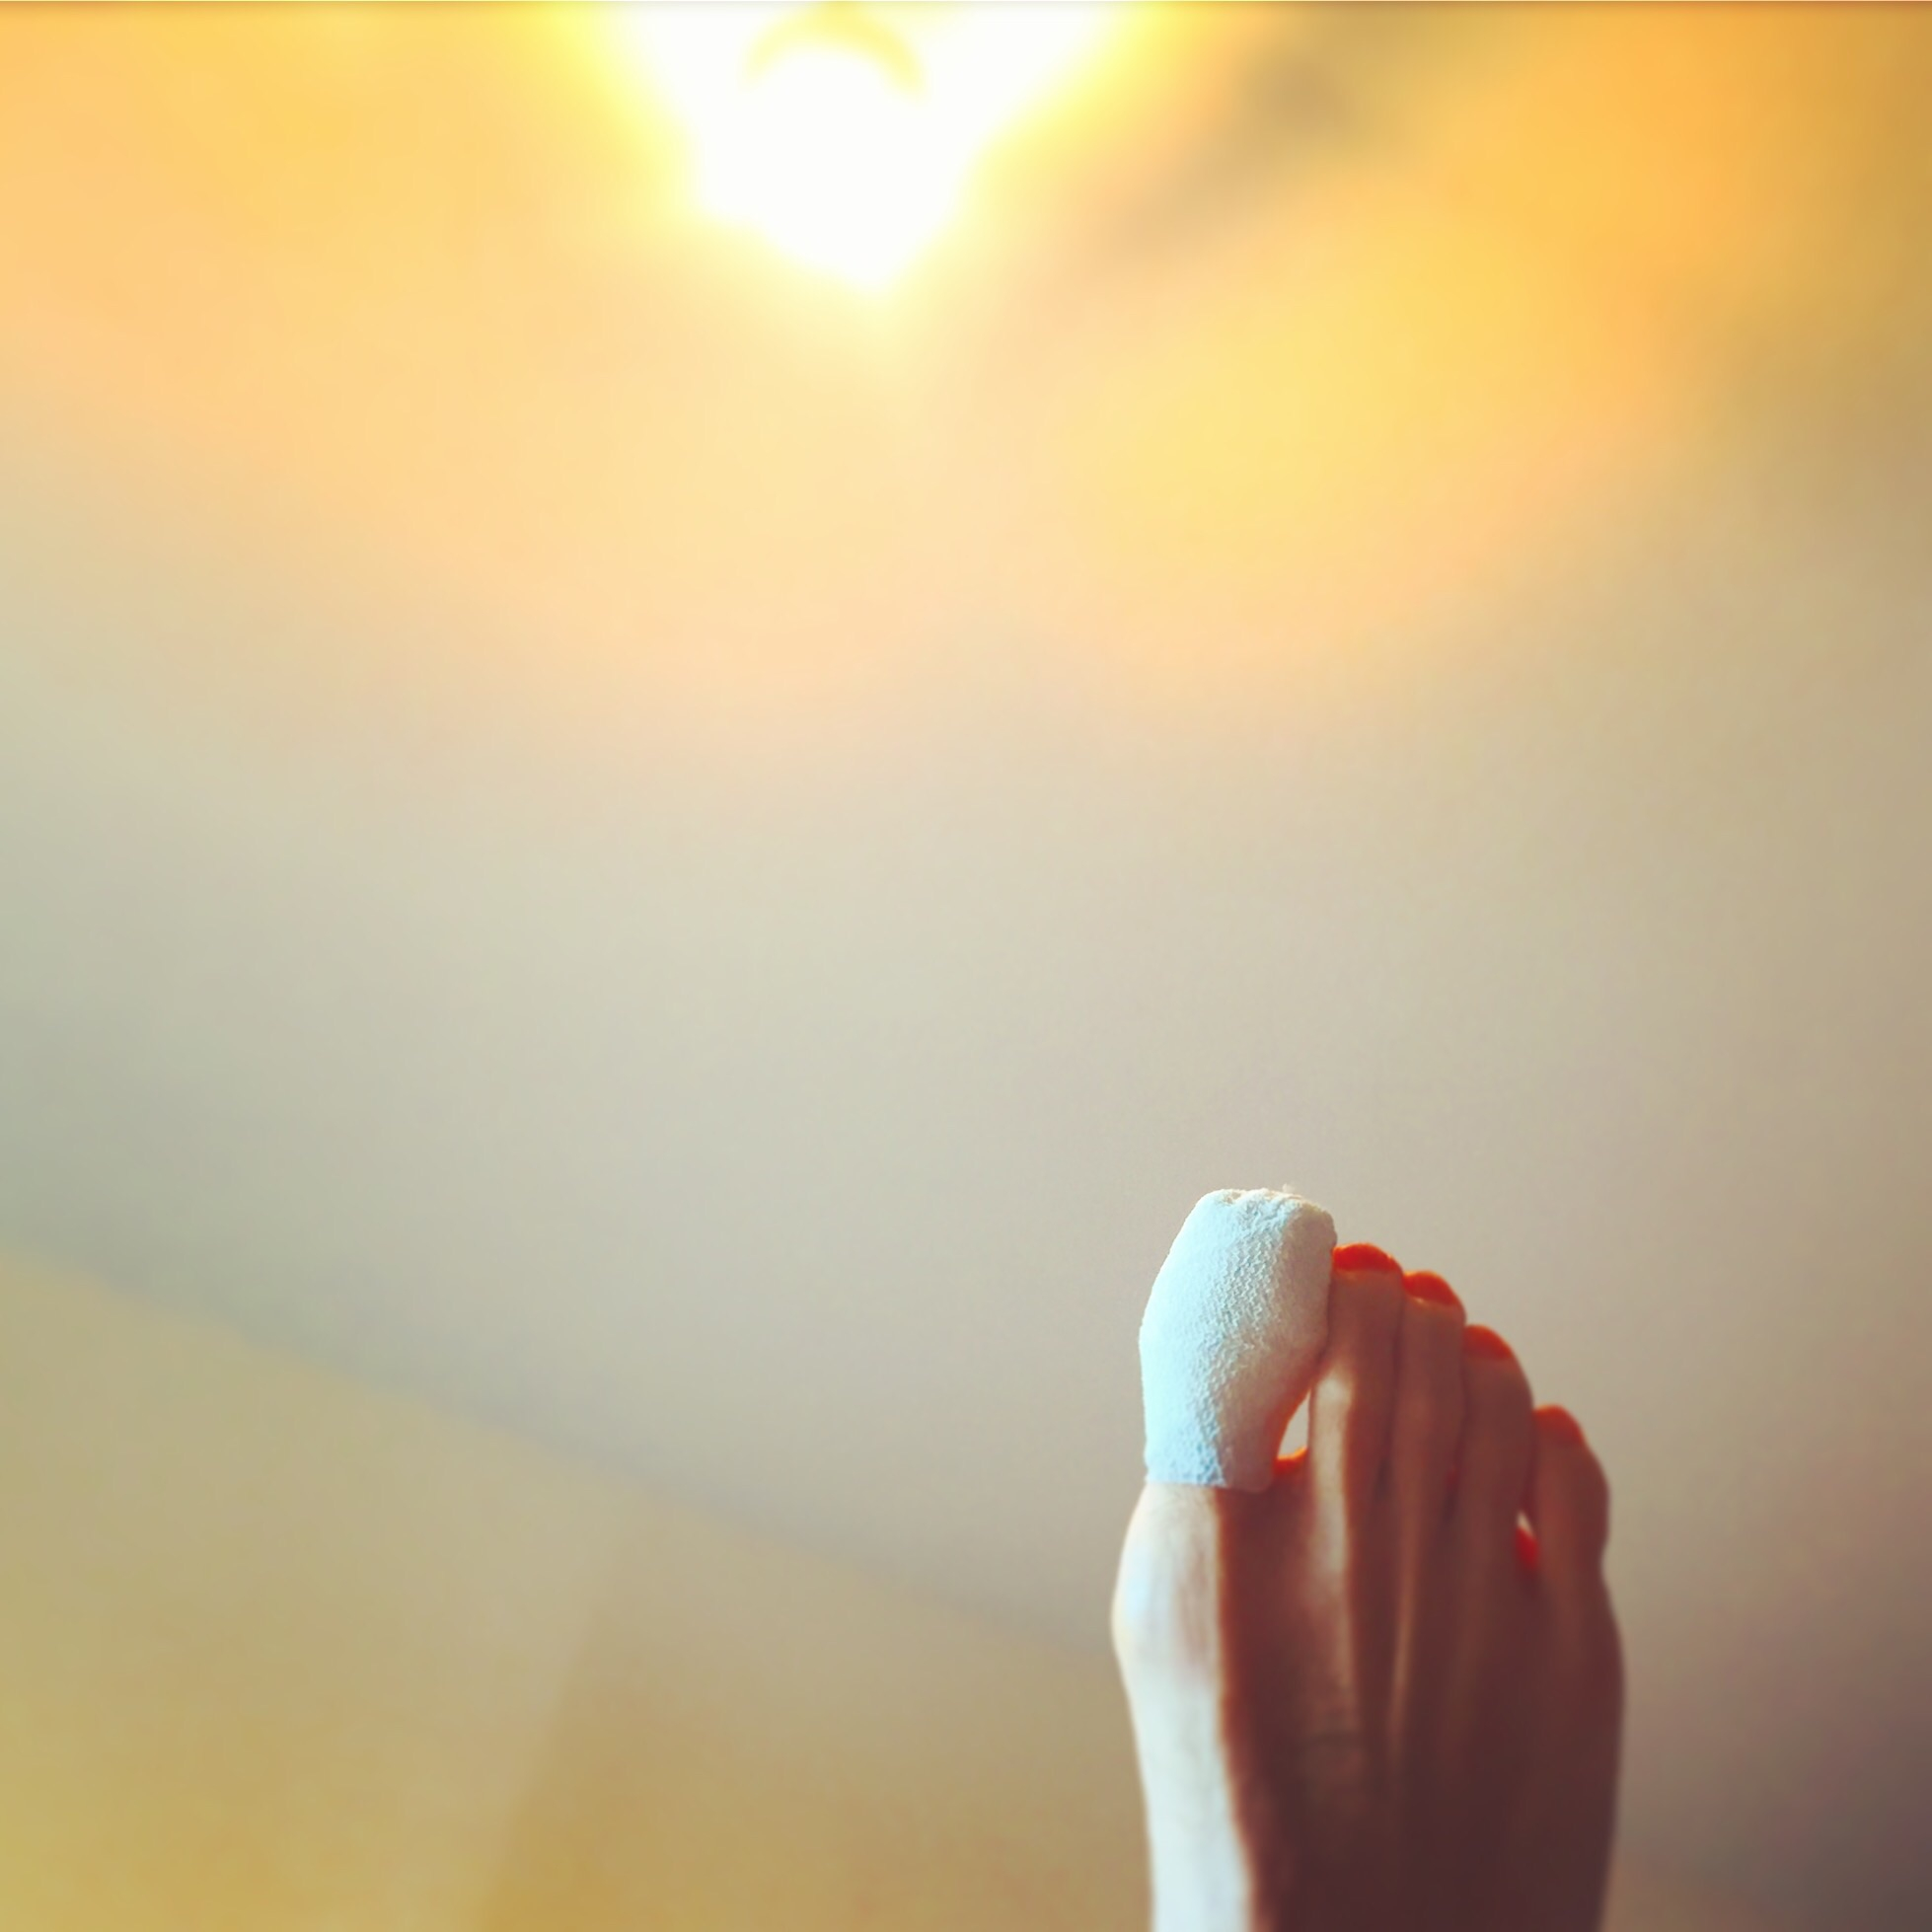 の た が 爪 剥がれ 足 親指 の 爪が剥がれかけた場合の対処法7選